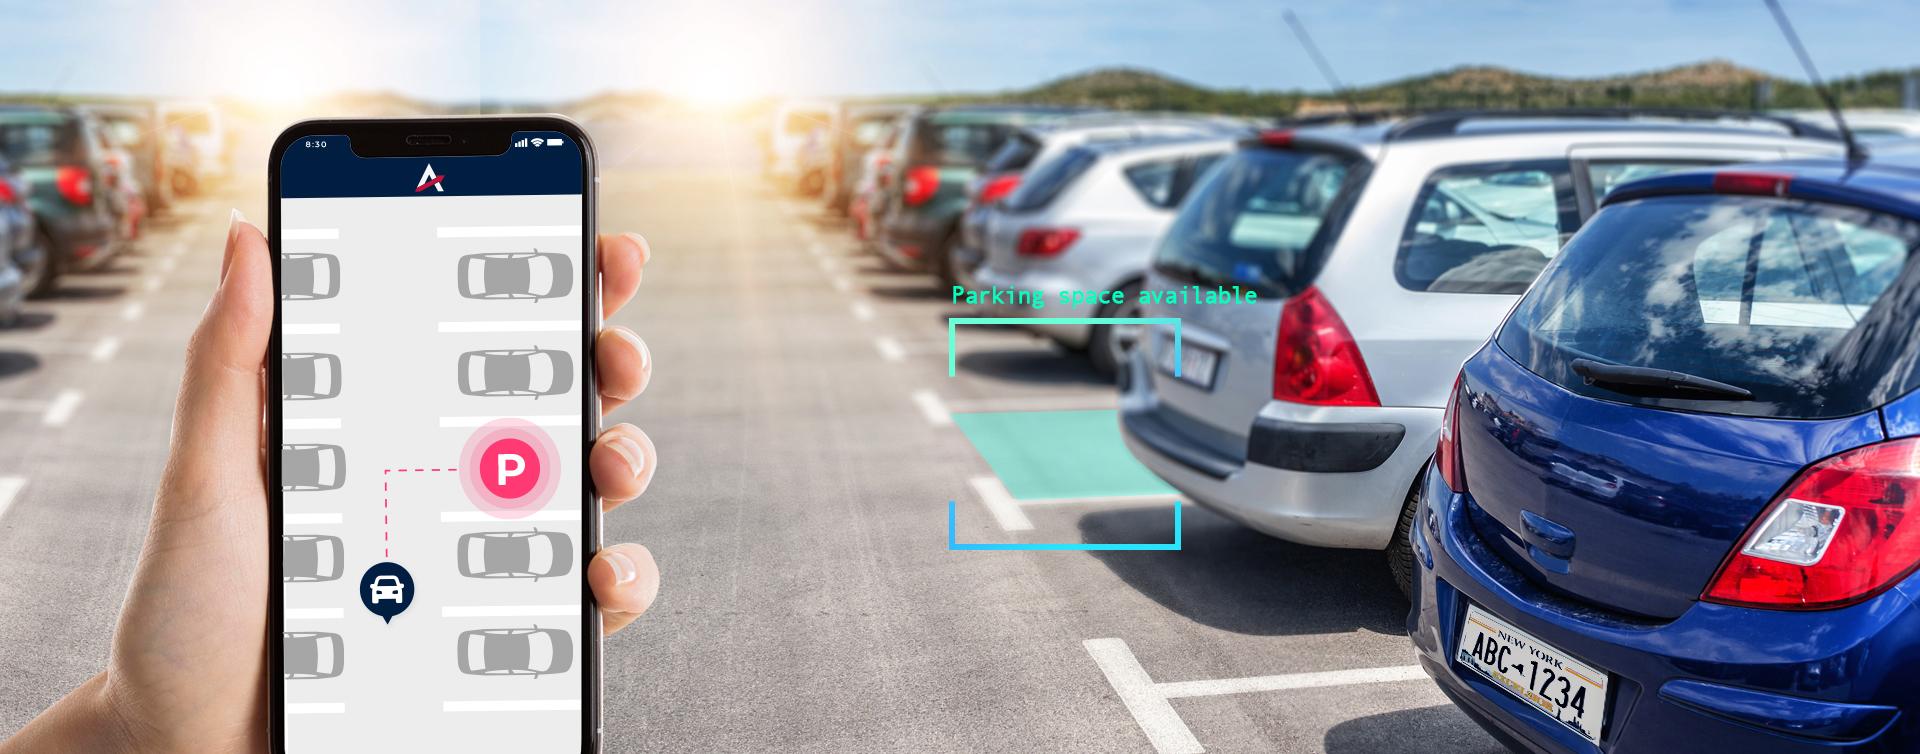 SmarterAI - Smart Parking